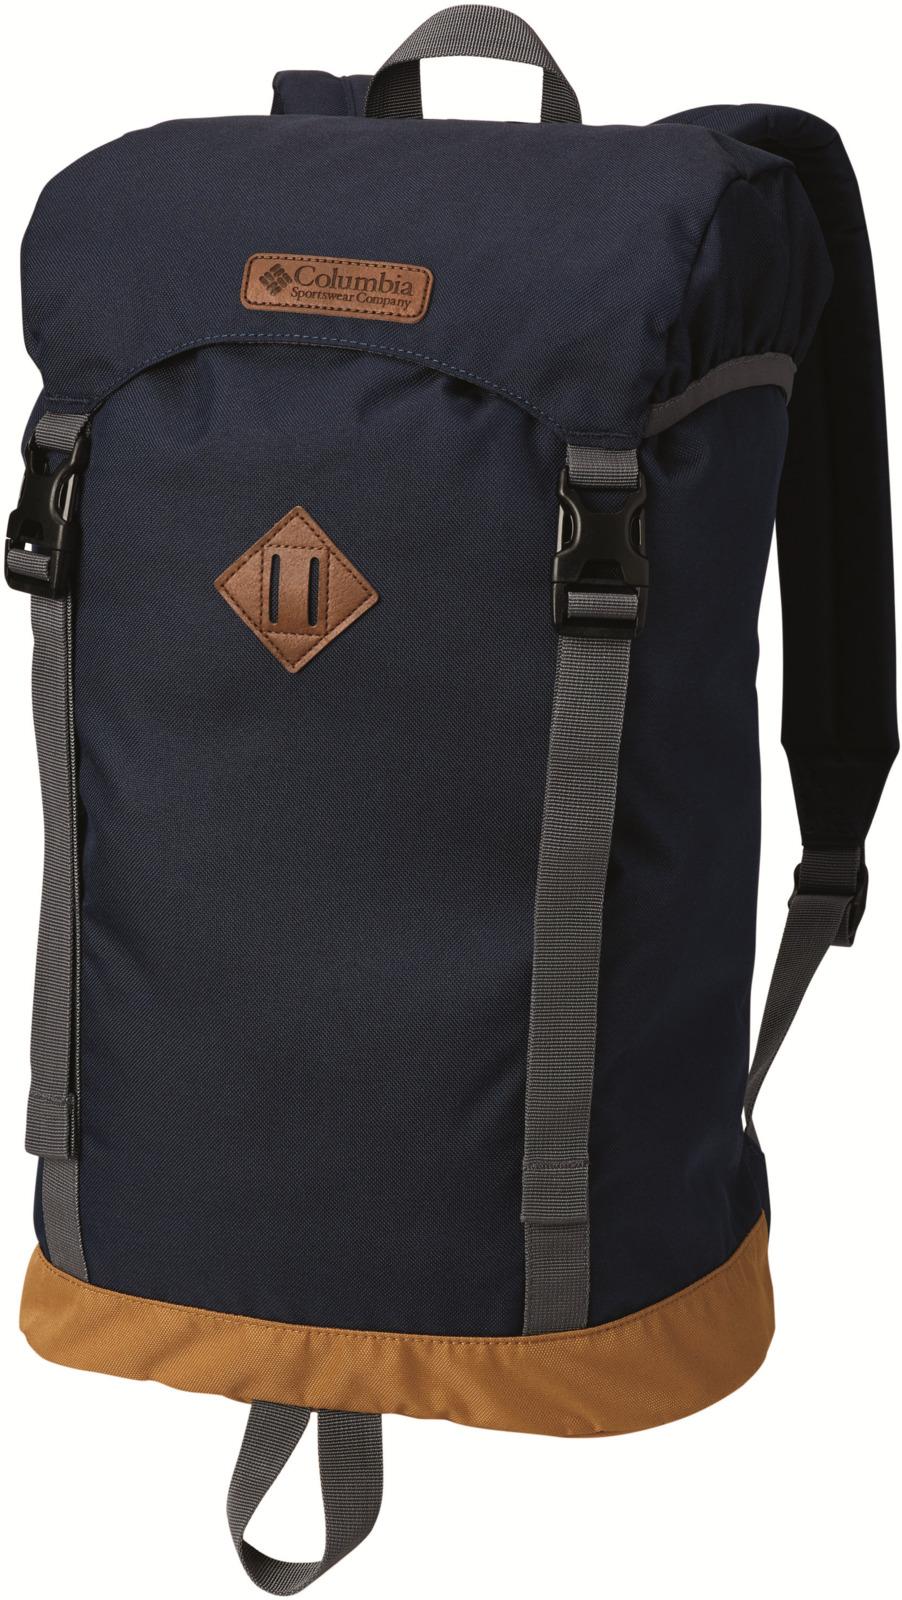 Рюкзак Columbia Classic Outdoor 25L Daypack, 1719891-464, темно-синий туристический рюкзак columbia lu0672 2015 25l